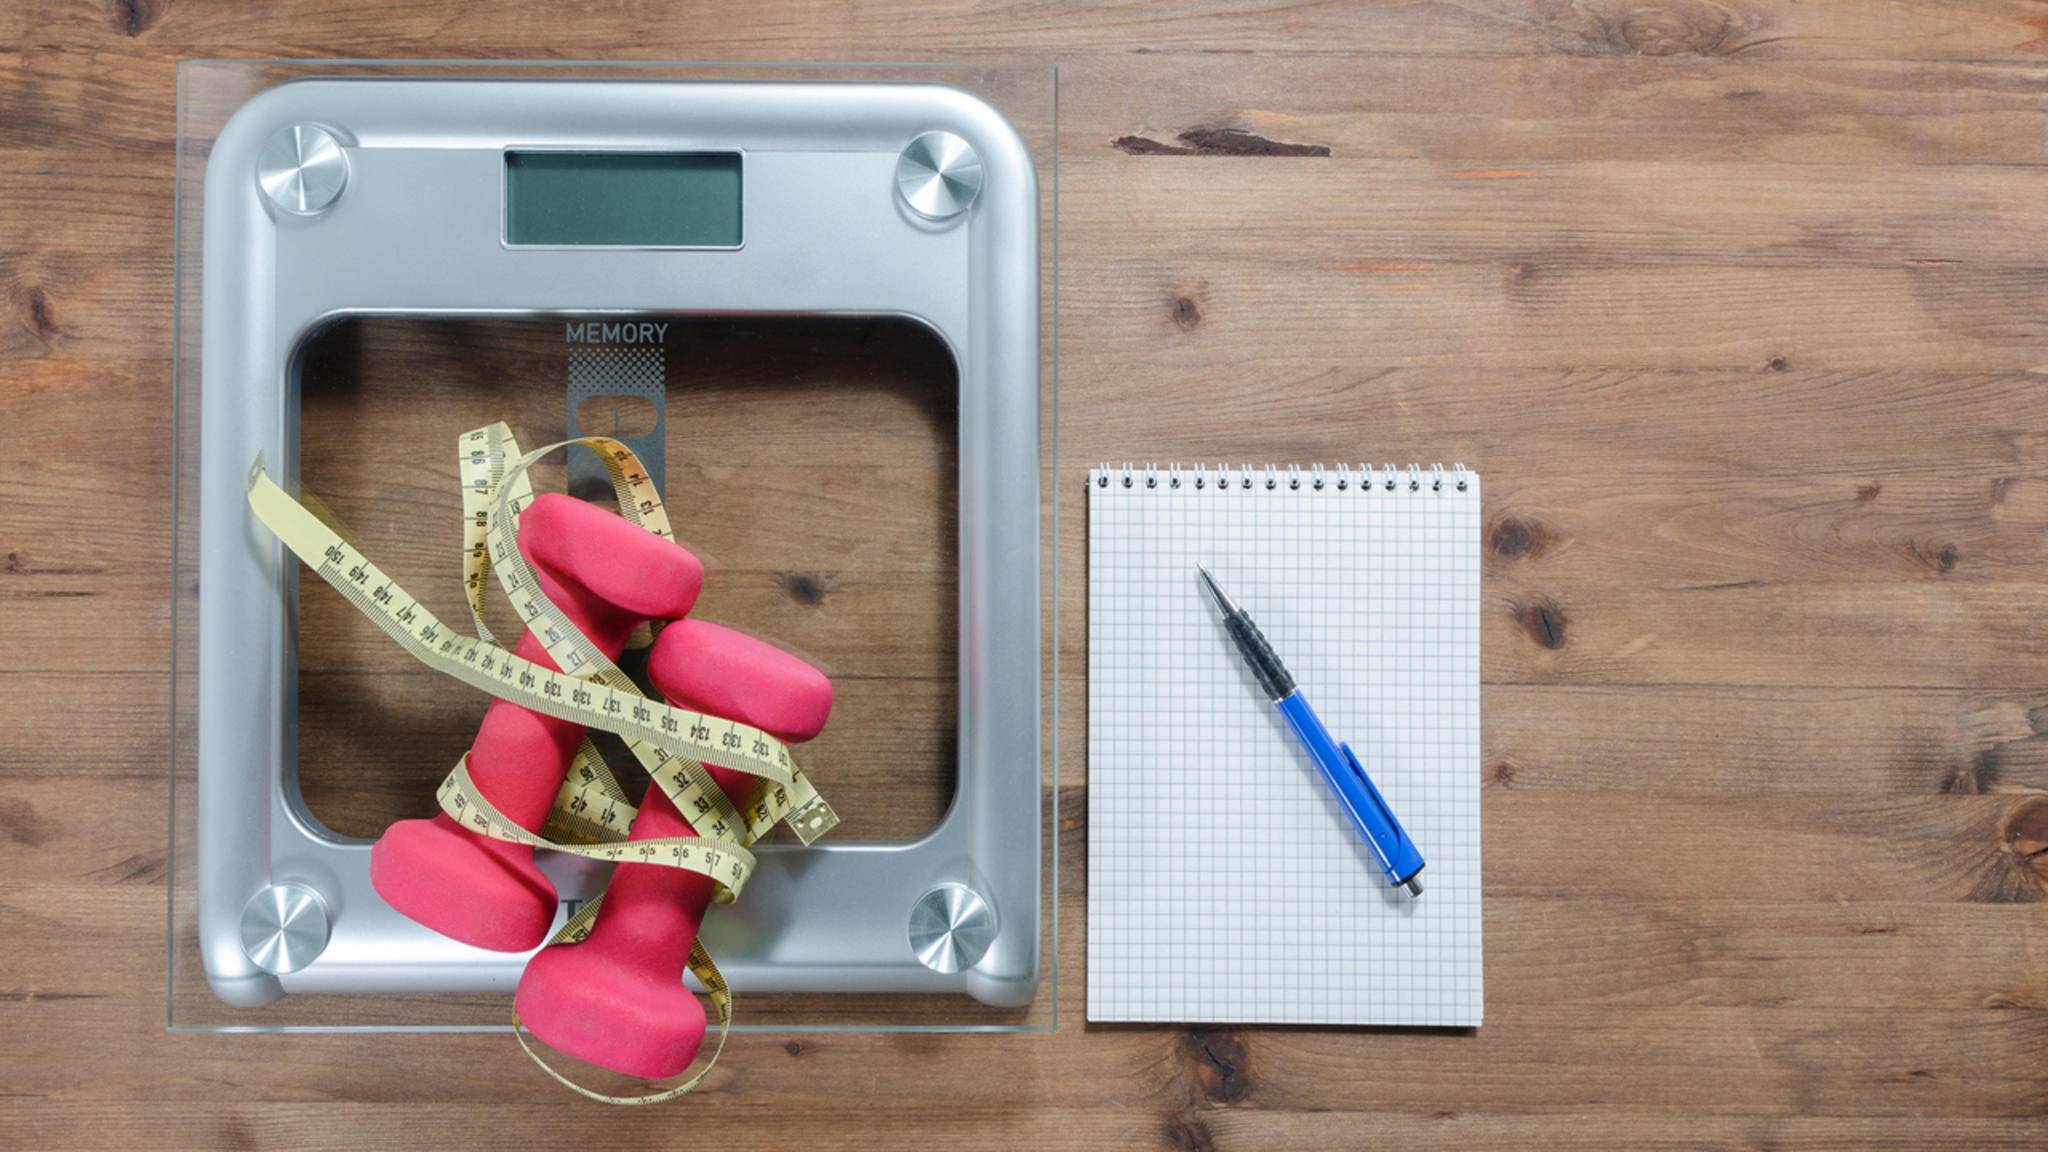 Die Körperzusammensetzung aus Wasser, Muskeln und Fett ist aussagekräftiger als das Gewicht allein.